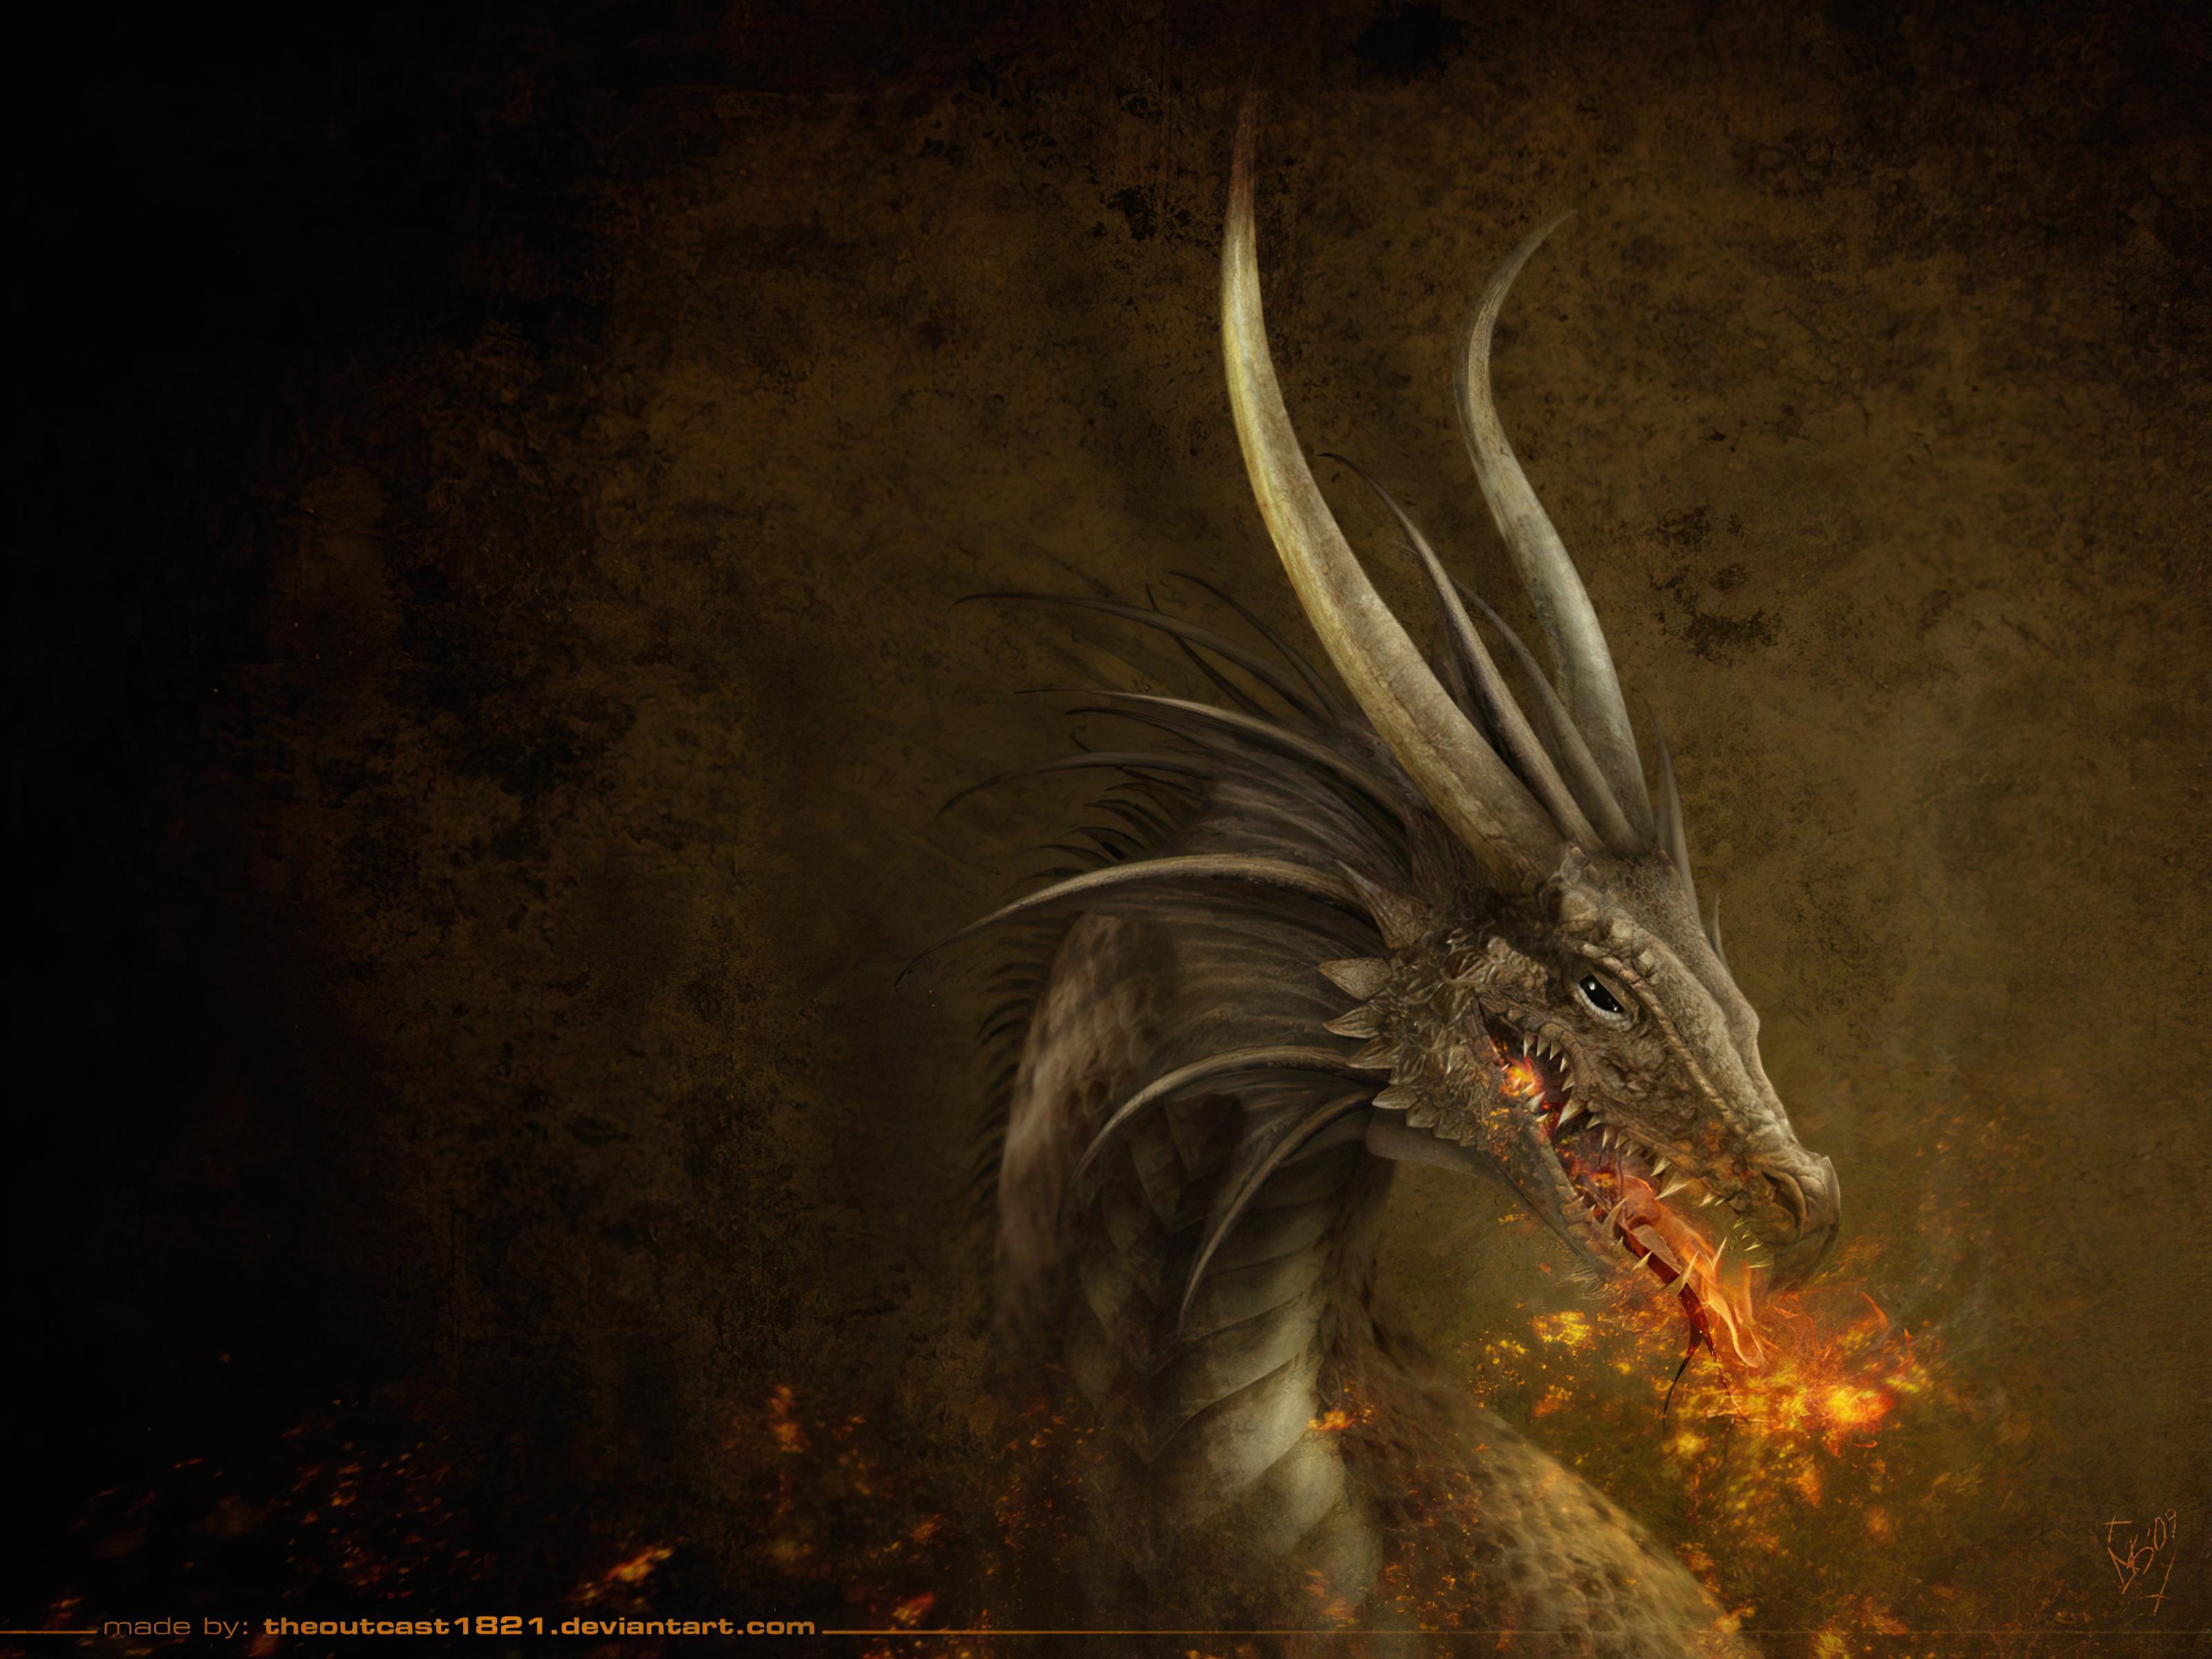 dragon wallpaper 1600x1200 - photo #2